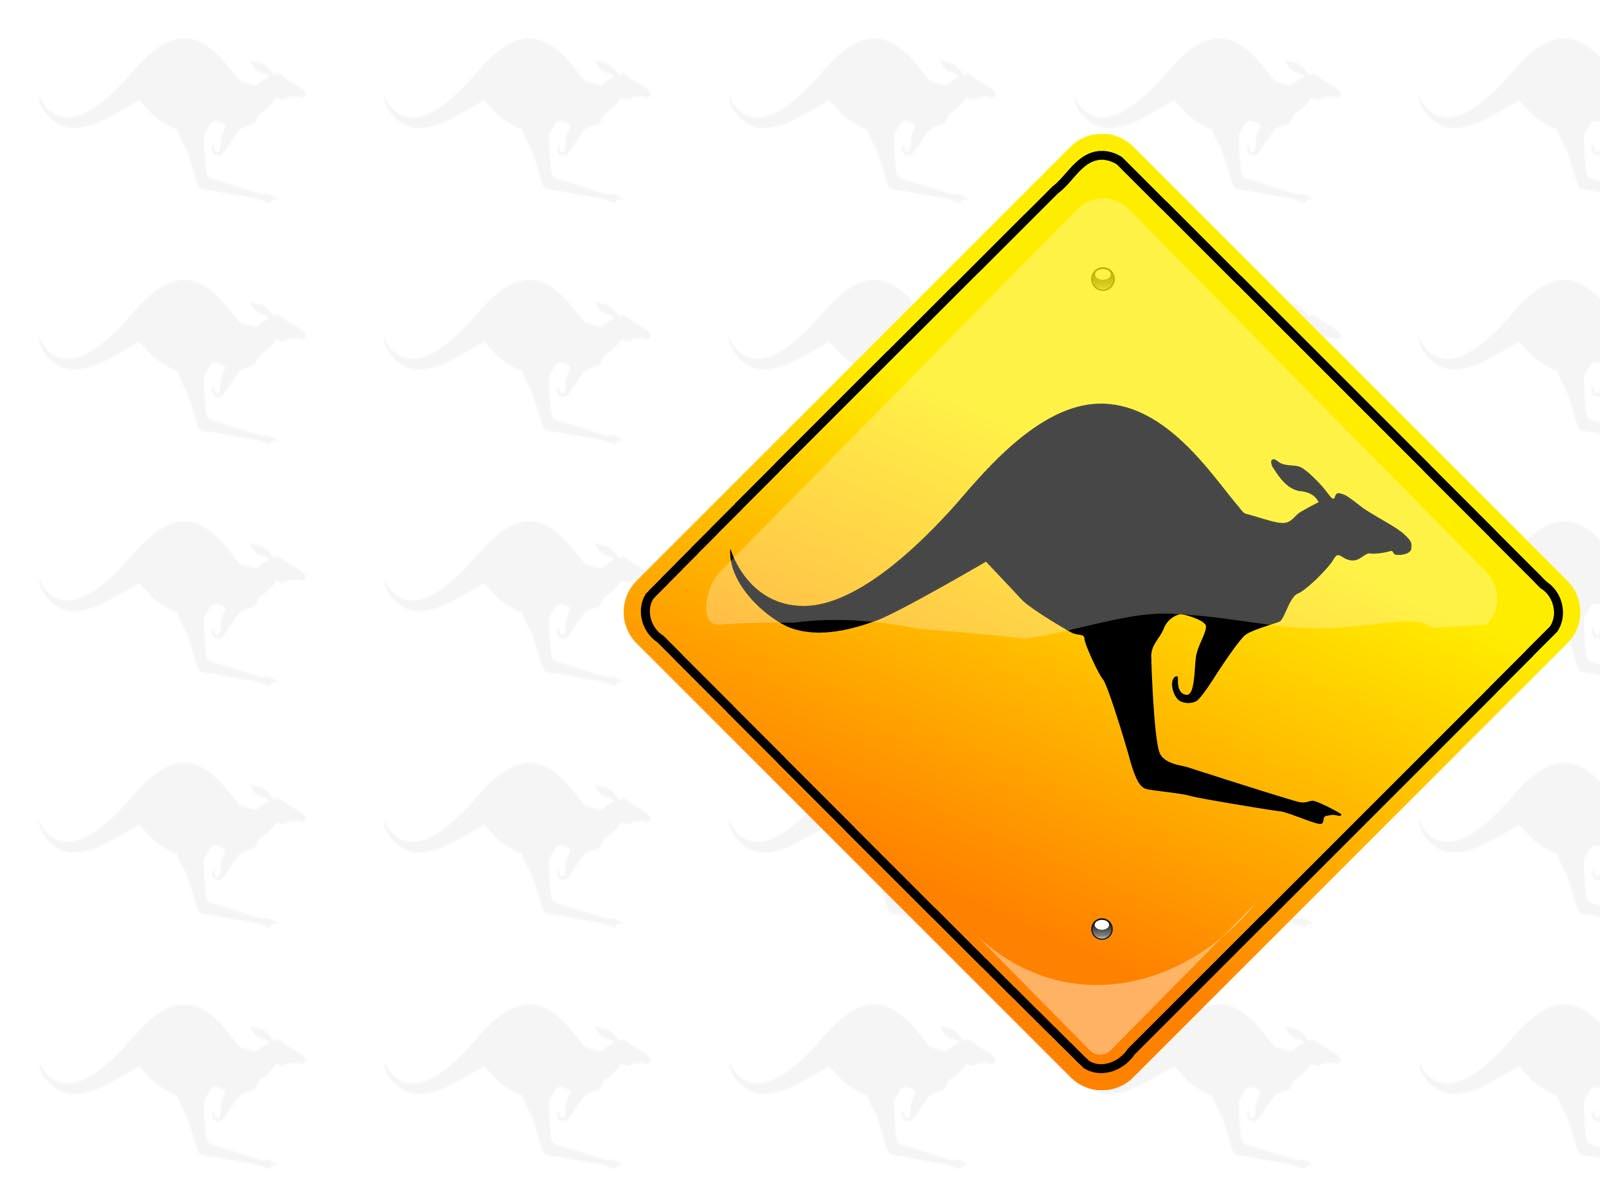 Kangaroo Sign PPT Backgrounds